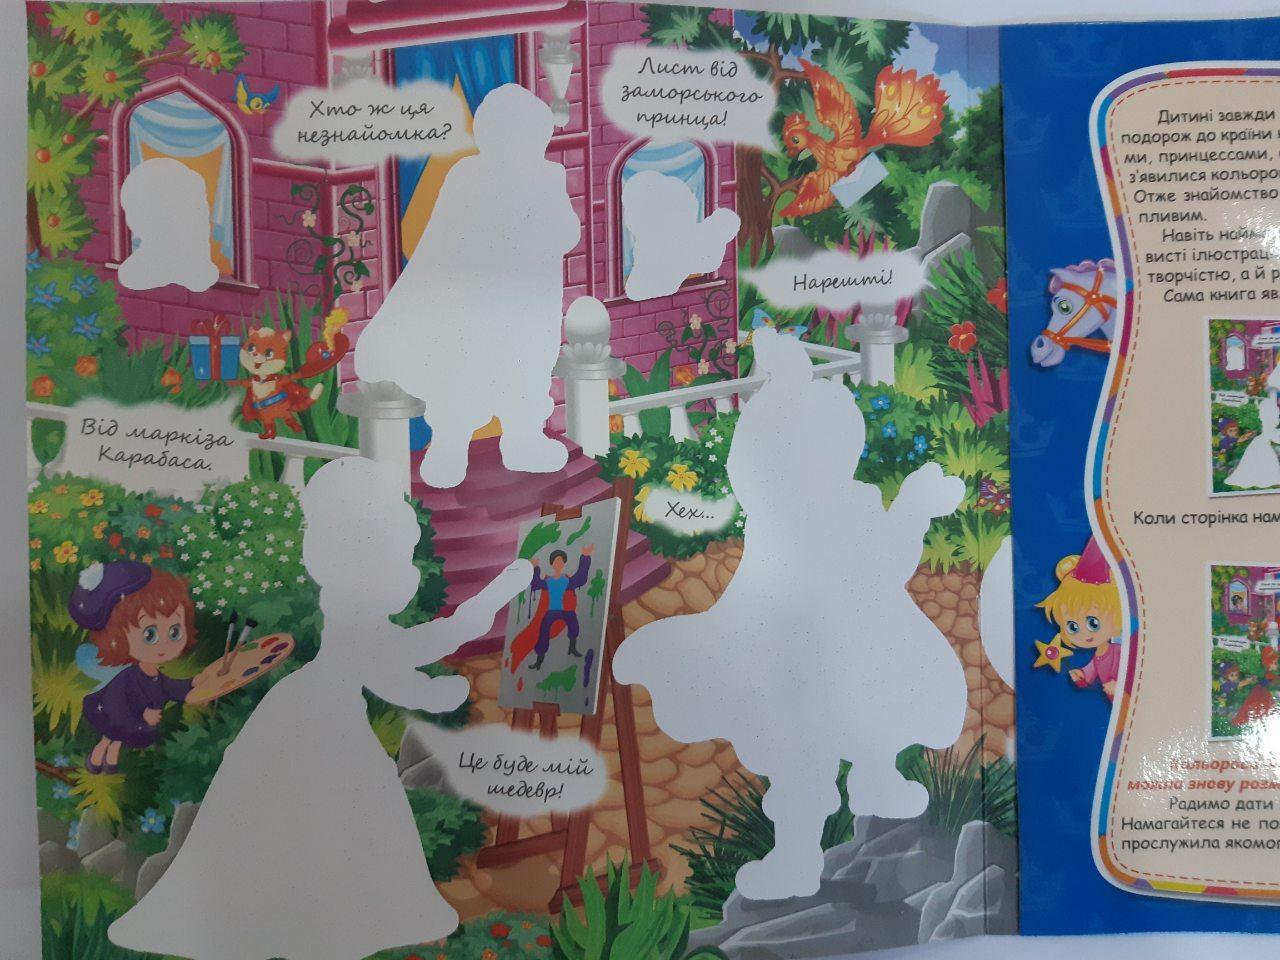 Ирис Многоразовая водная раскраска Книга 7: продажа, цена ...